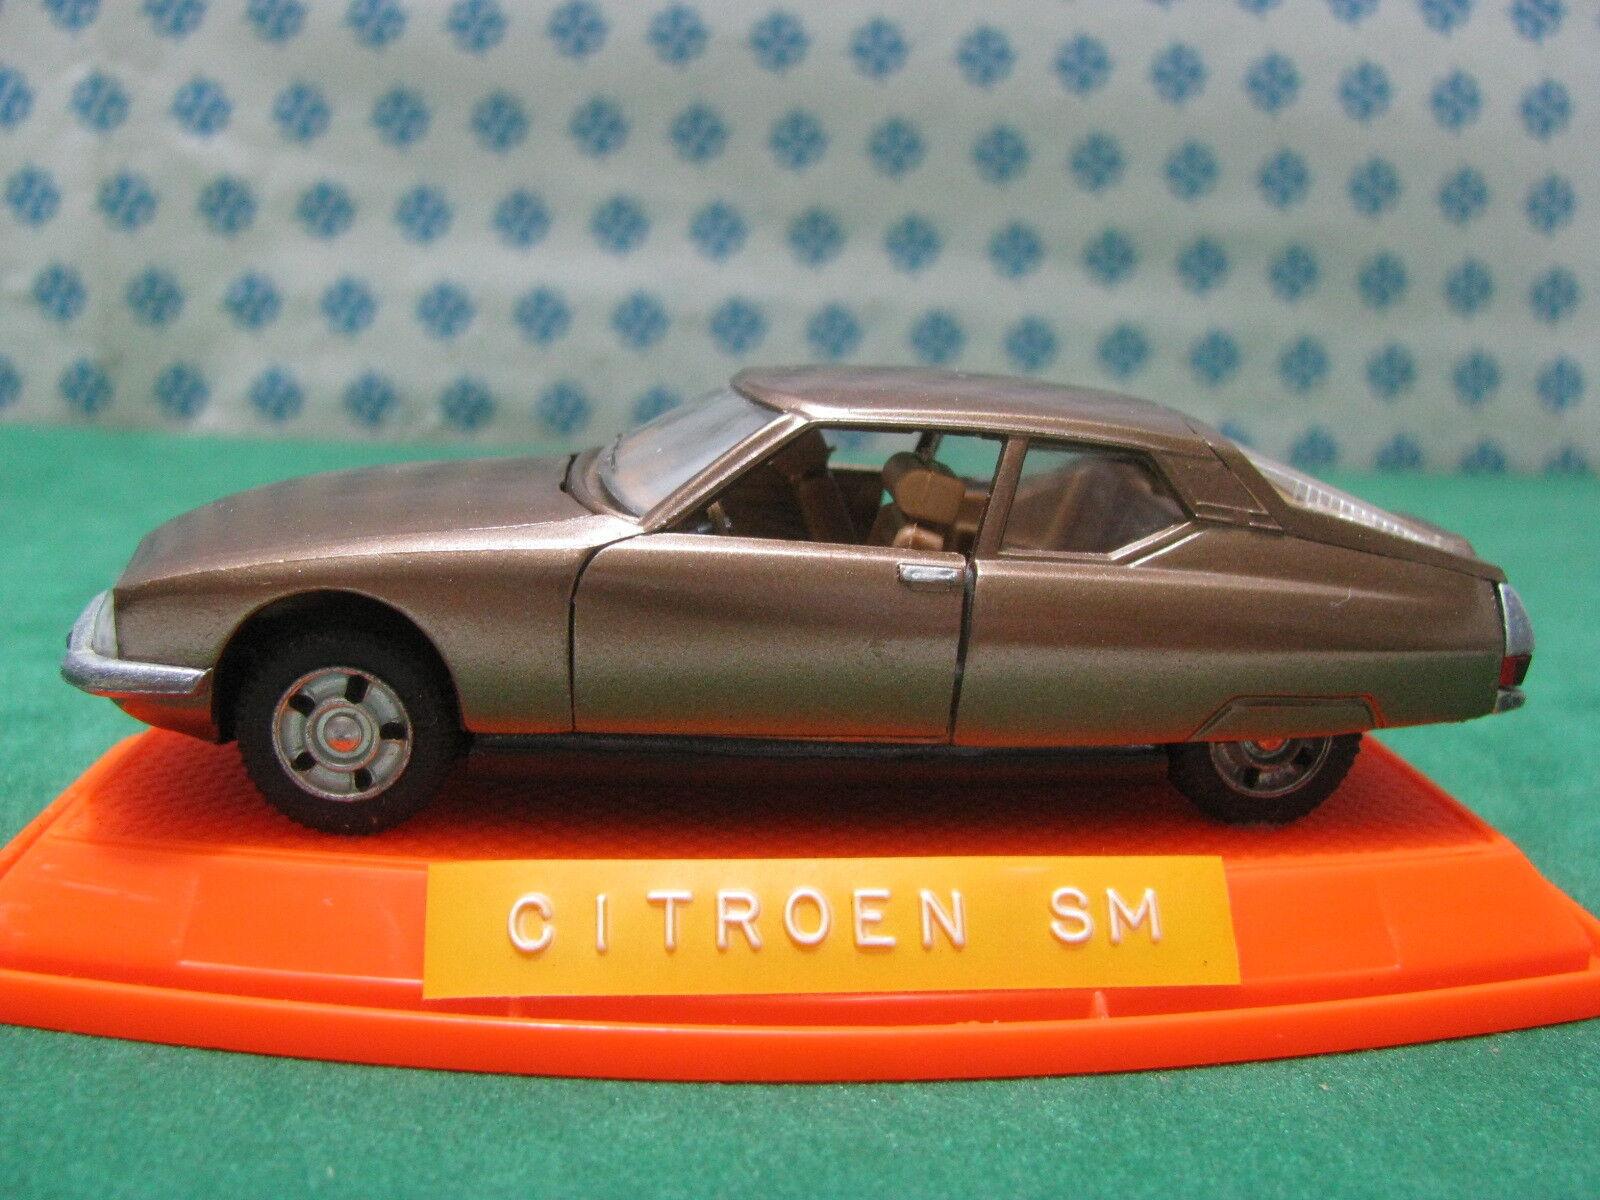 Vintage Vintage Vintage - Citroen Sm - 1 43 Auto-Pilen M-339 d58ec3